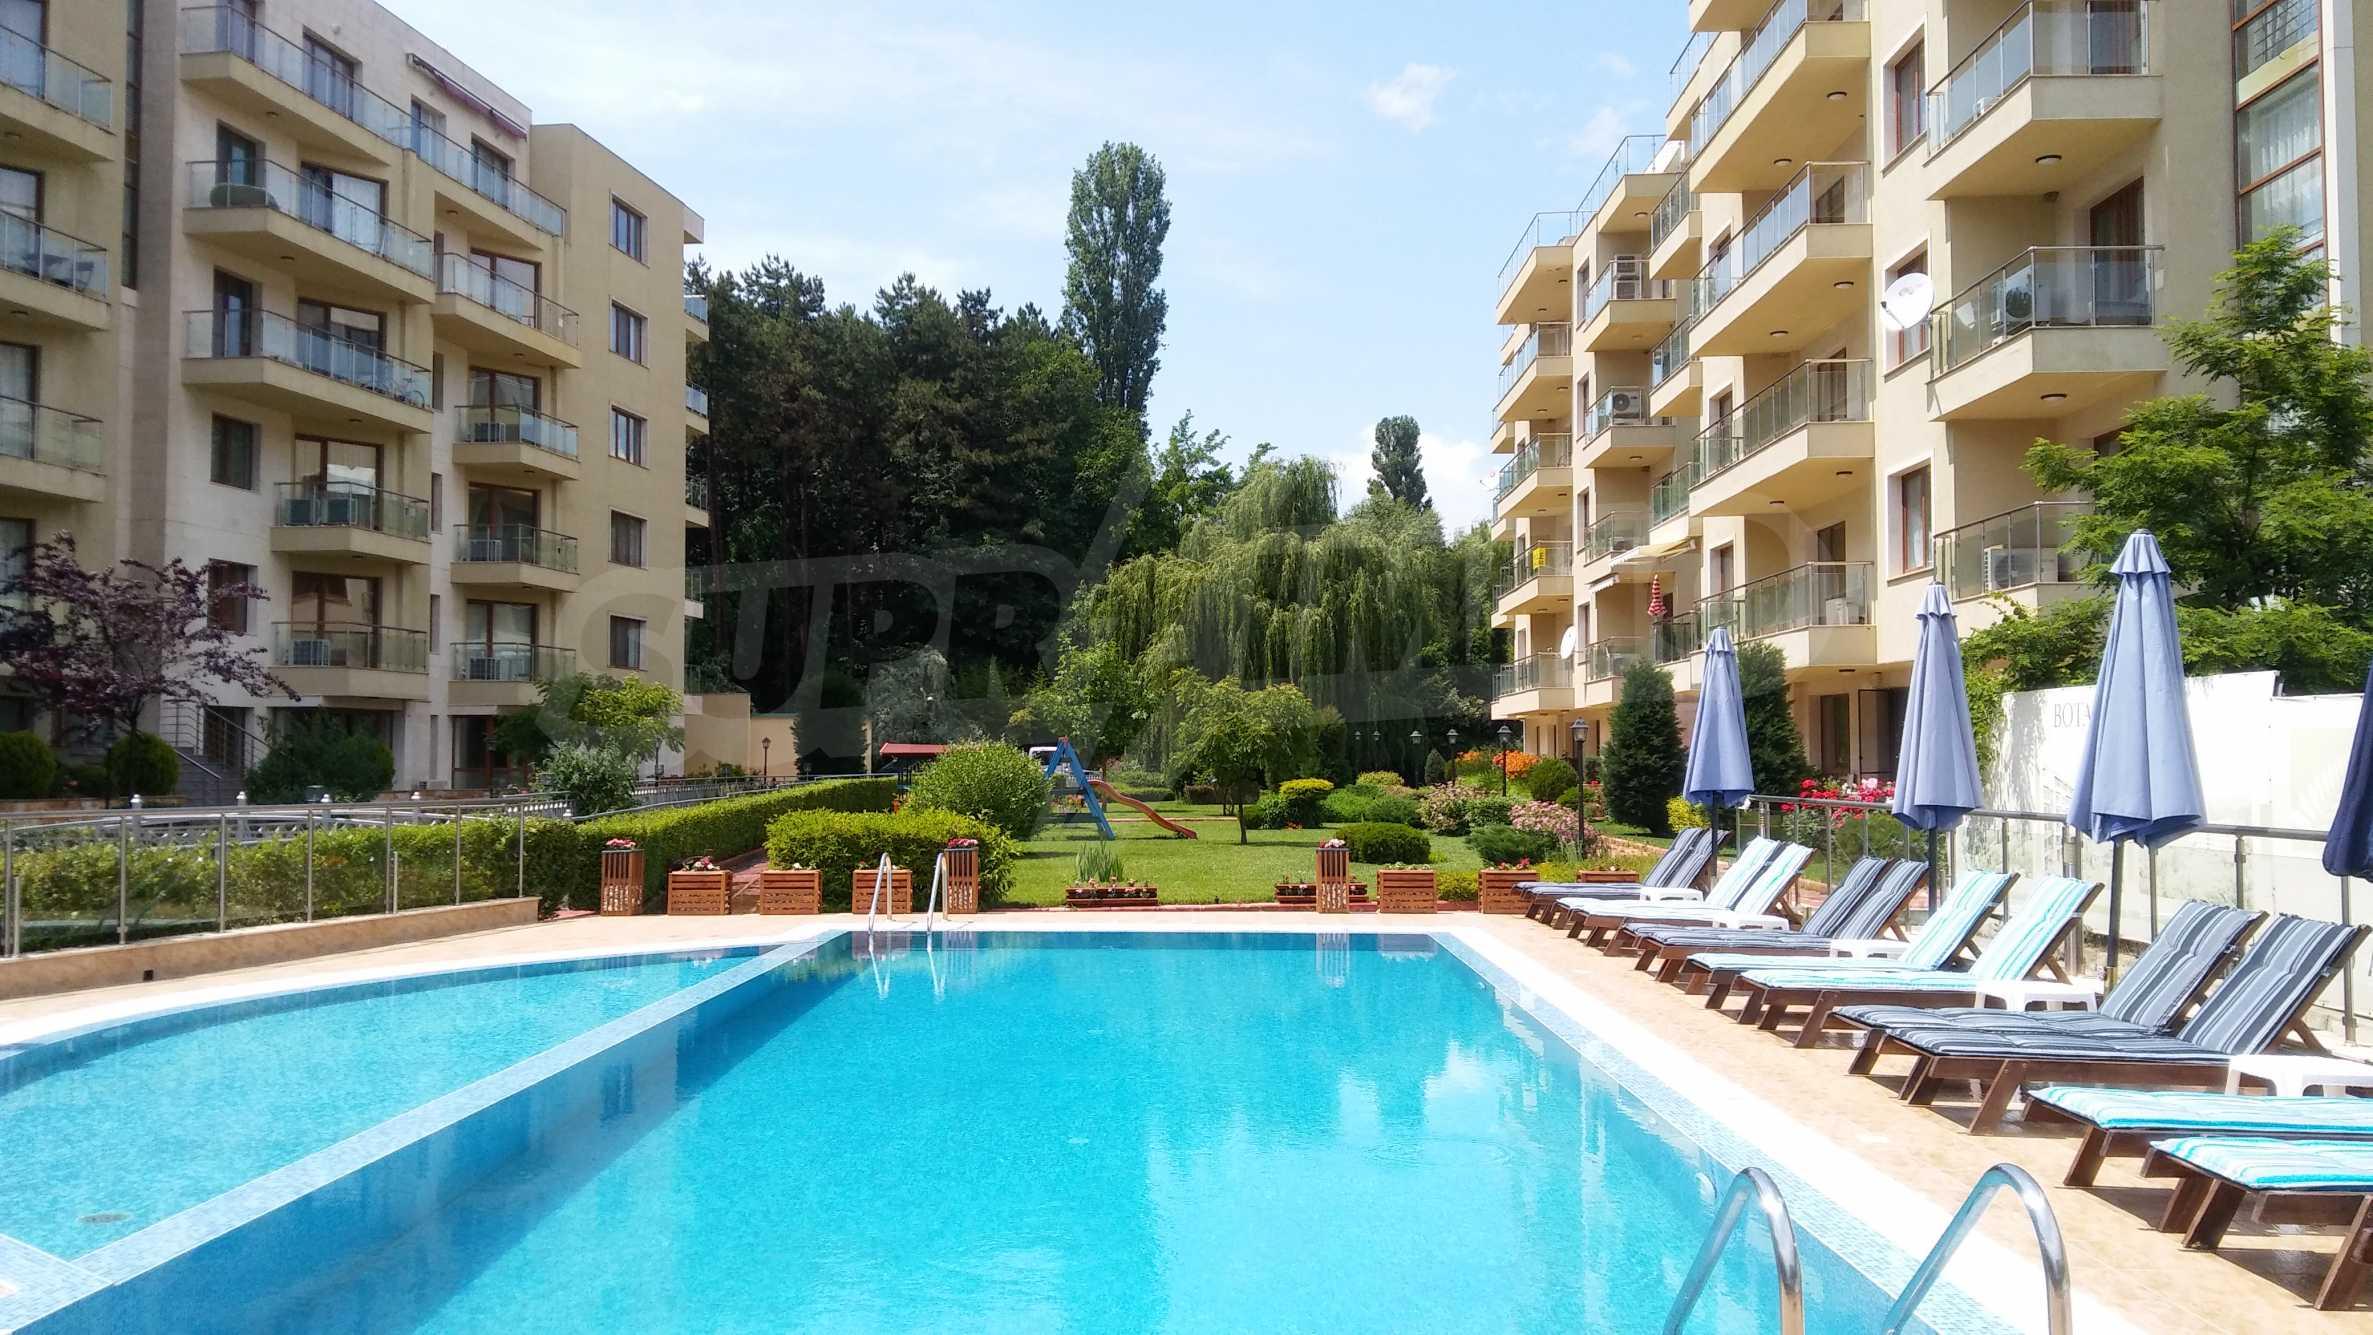 Апартаменти до ключ в комплекс до Ботаническата градина и Св. Константин и Елена